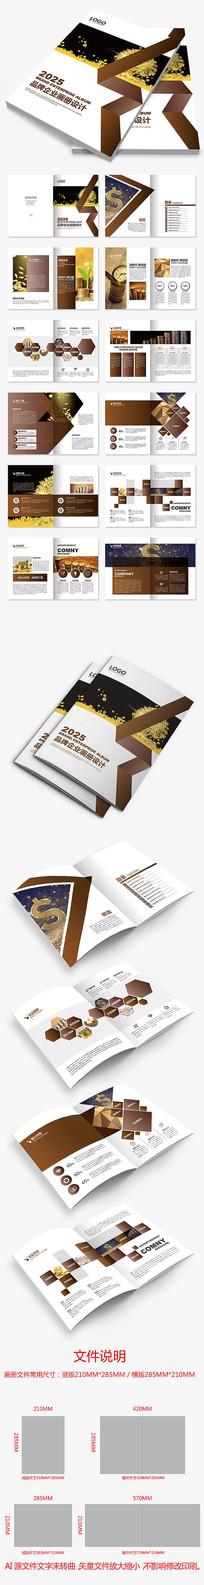 棕色科技金融理财银行保险贷款企业画册